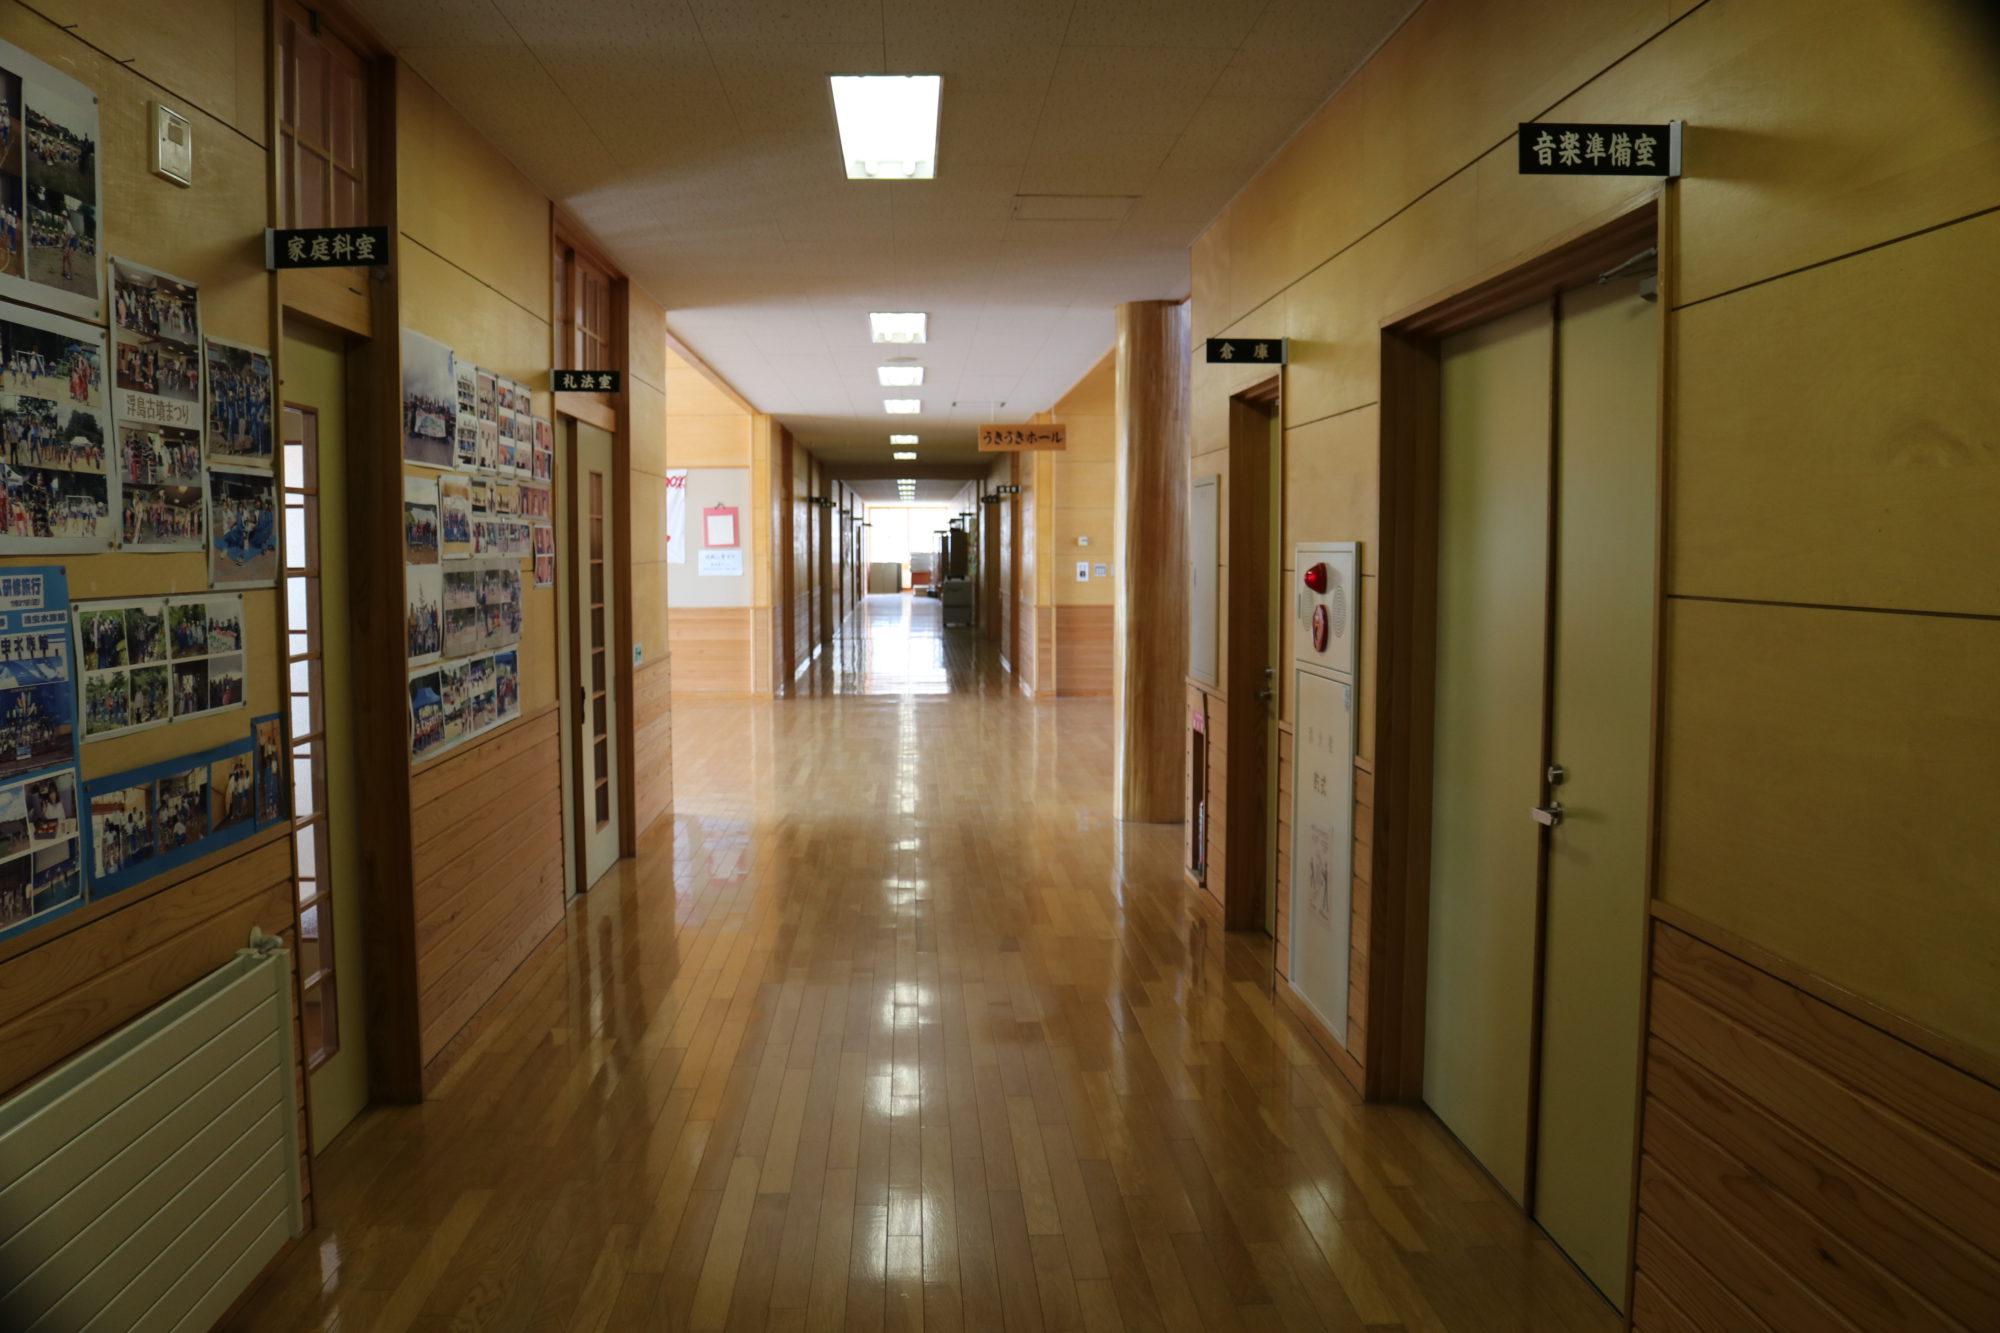 浮島小学校-内観1